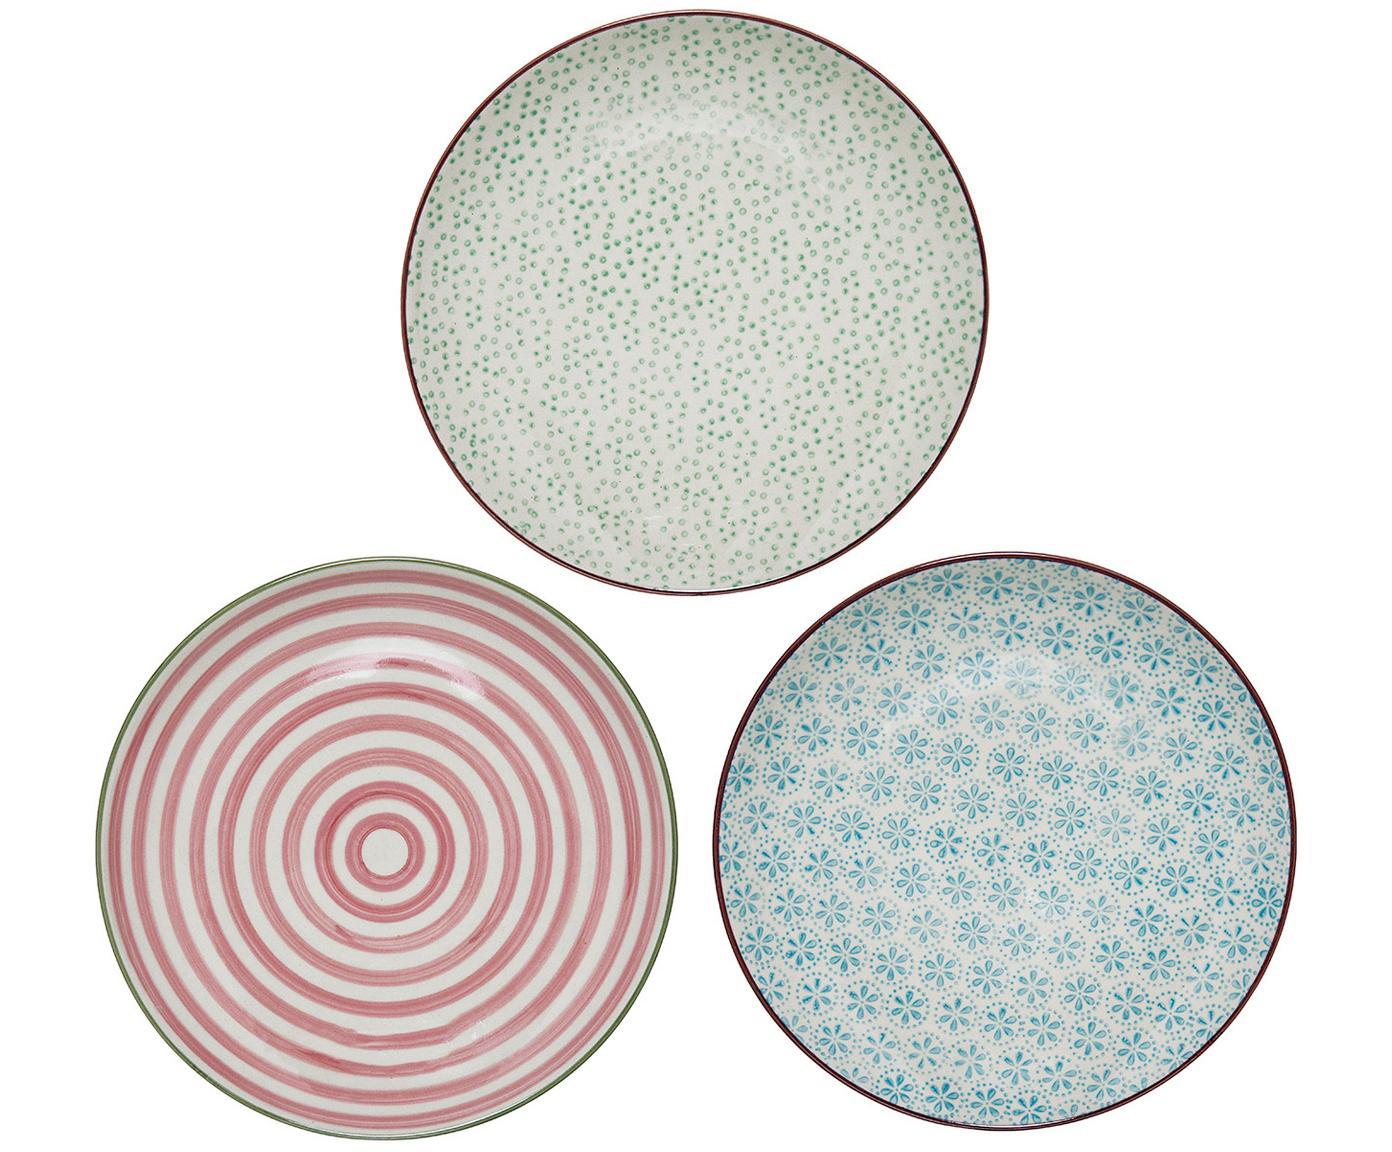 Frühstücksteller Patrizia mit kleinem Muster, 3er-Set, Steingut, Weiß, Grün, Rot, Blau, Ø 20 cm